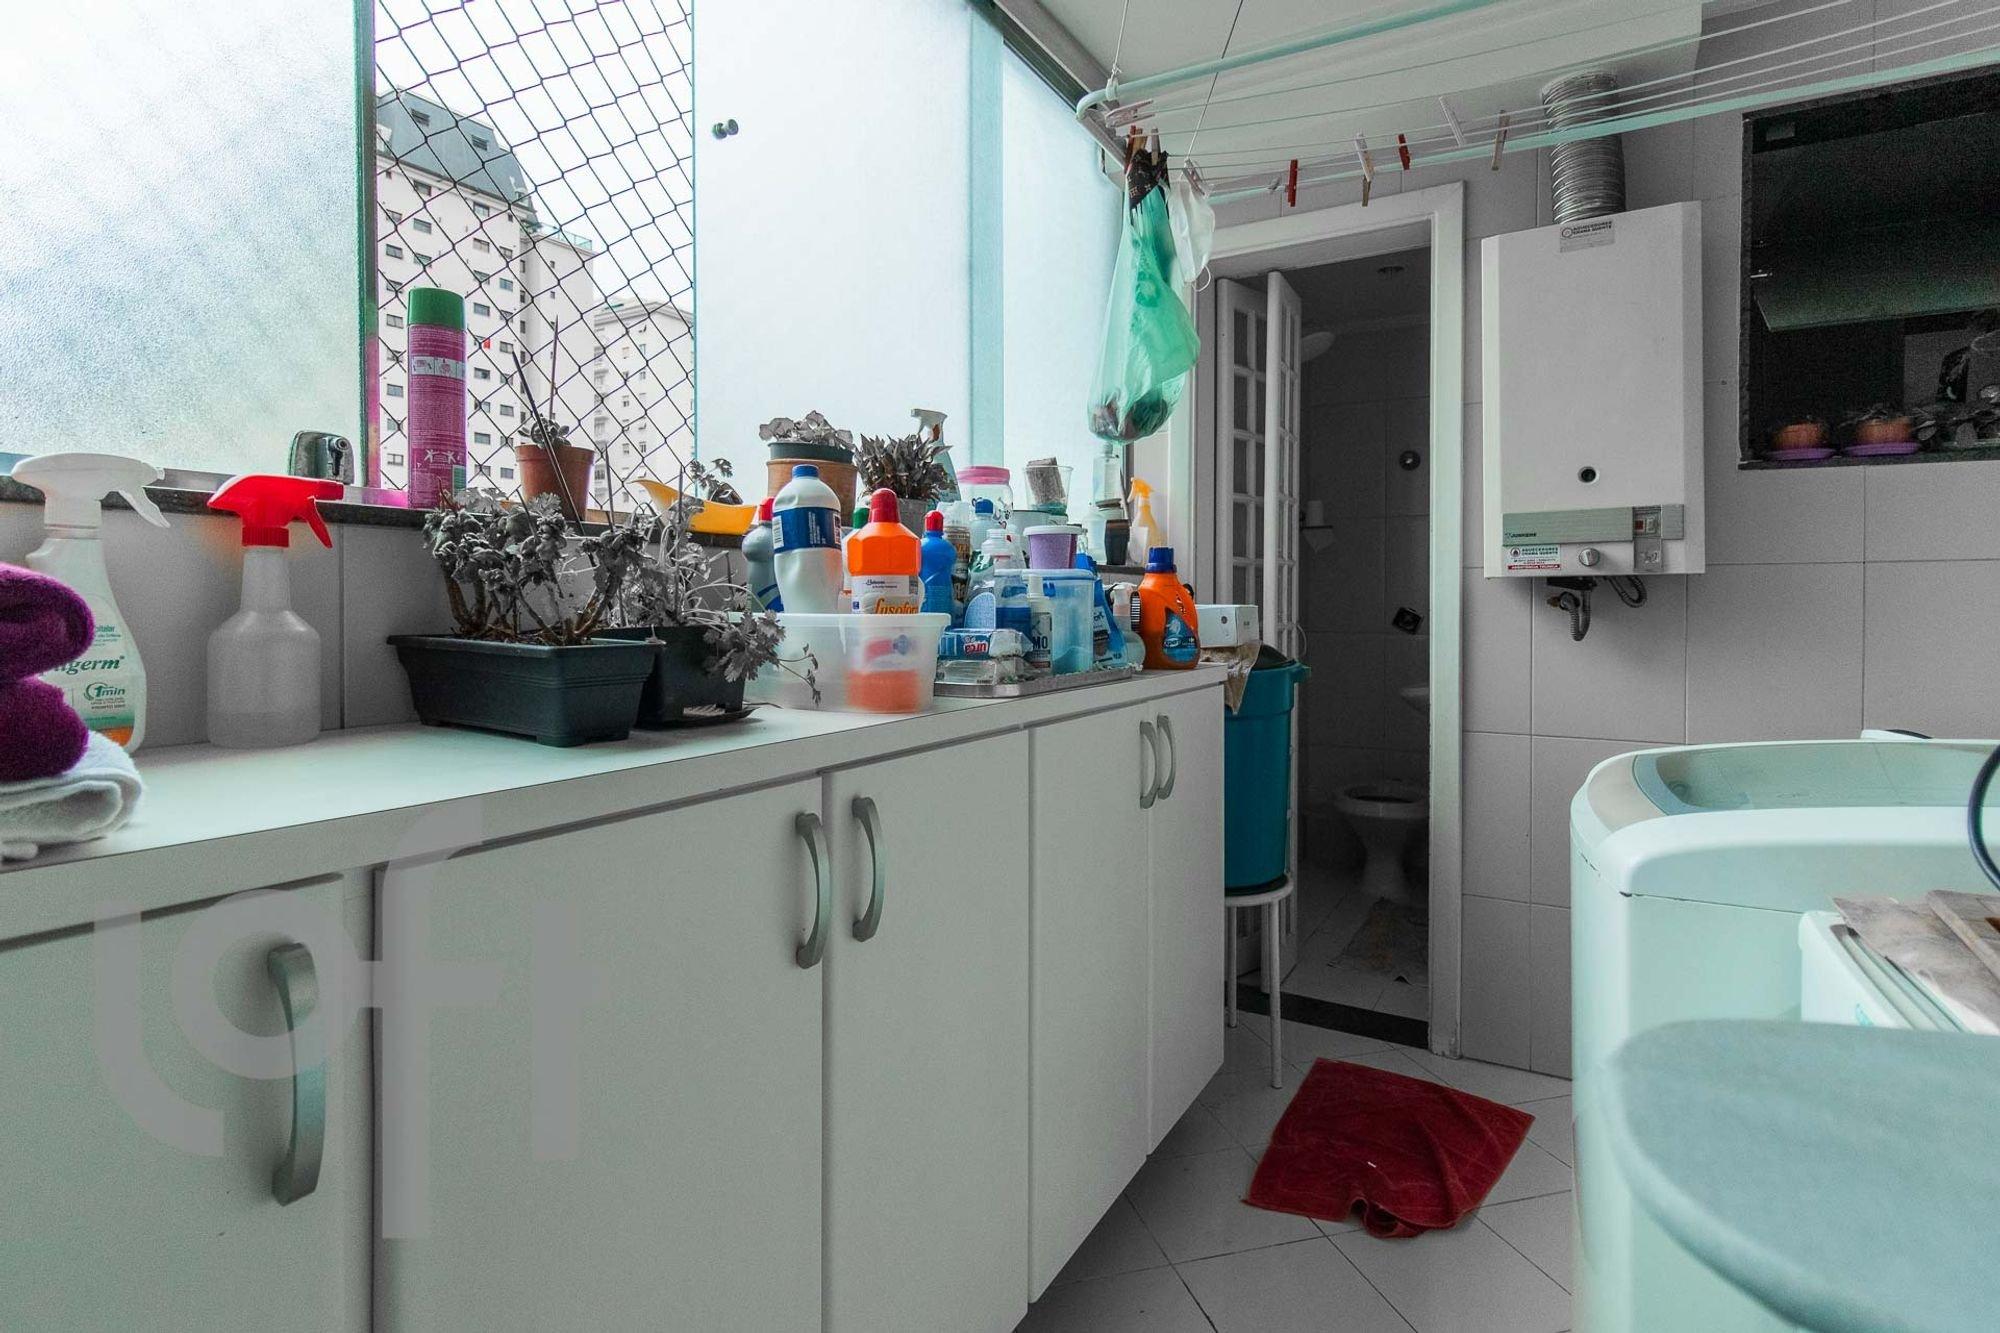 Foto de Cozinha com vaso de planta, vaso sanitário, garrafa, pia, mesa de jantar